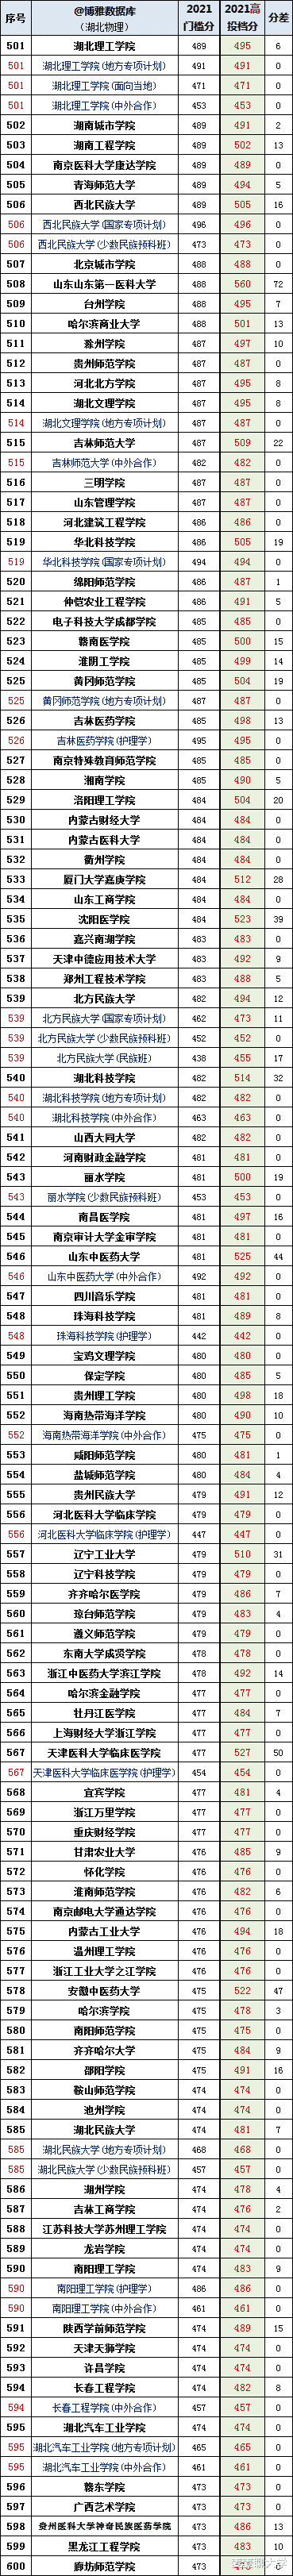 湖北省2021年本科普通批录取院校平行志愿投档线